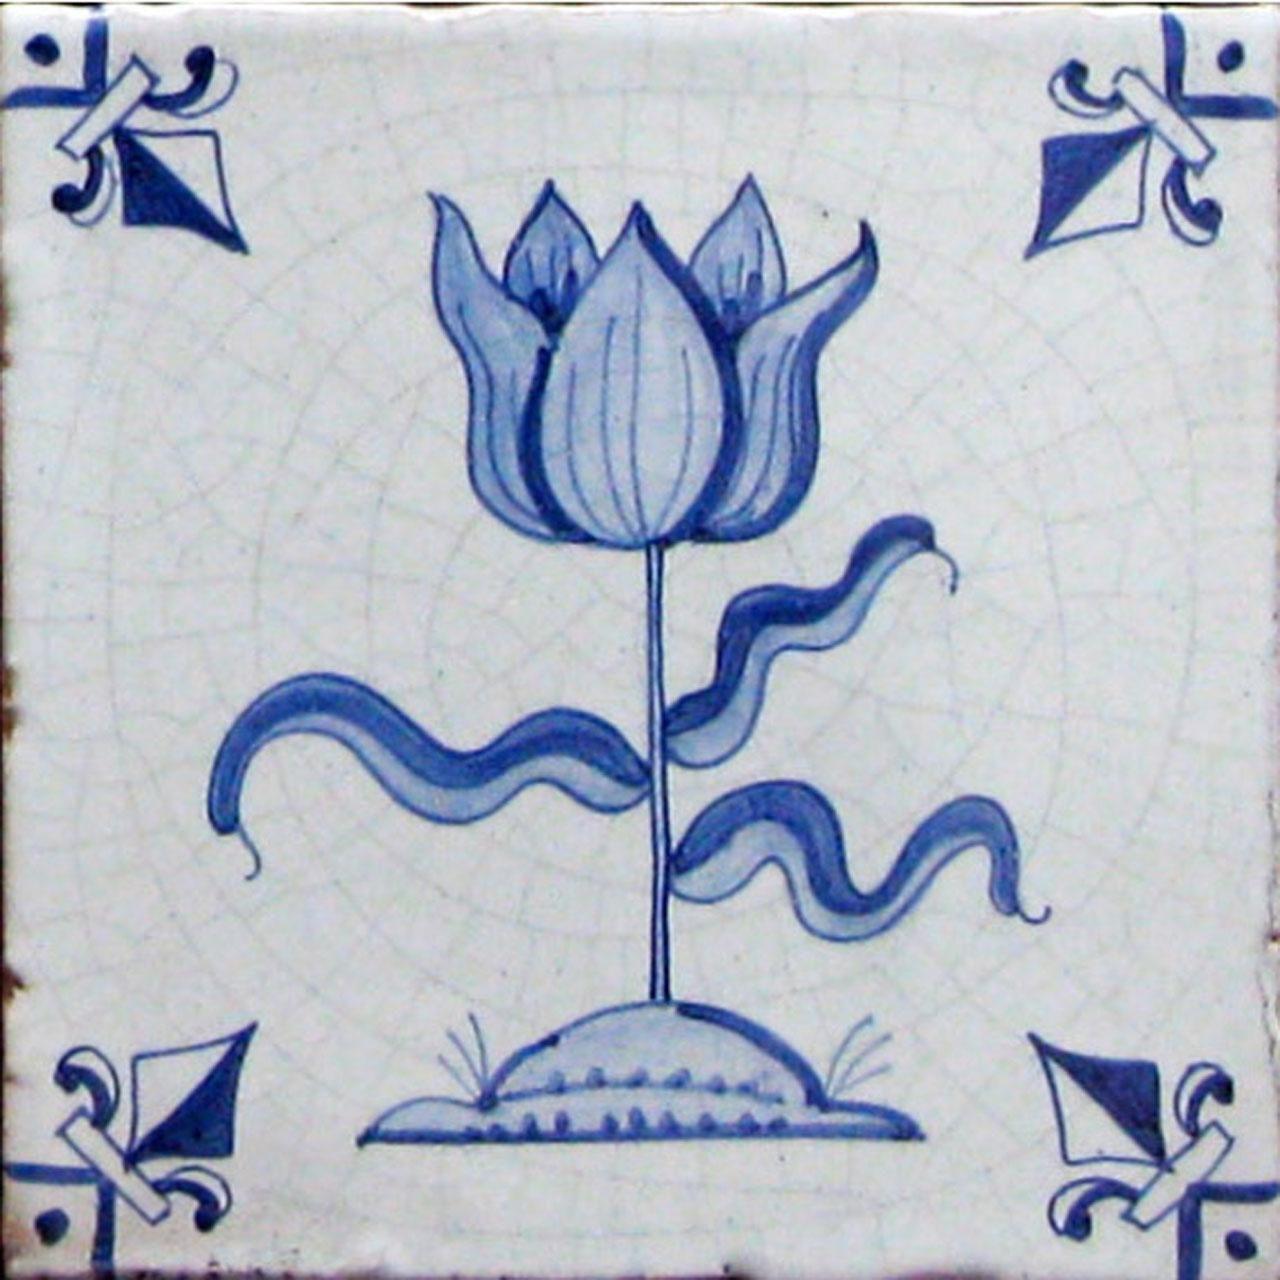 q-outstanding-delft-tiles-ebay-uk-delft-tiles-ebay-uk-delft-tiles ...